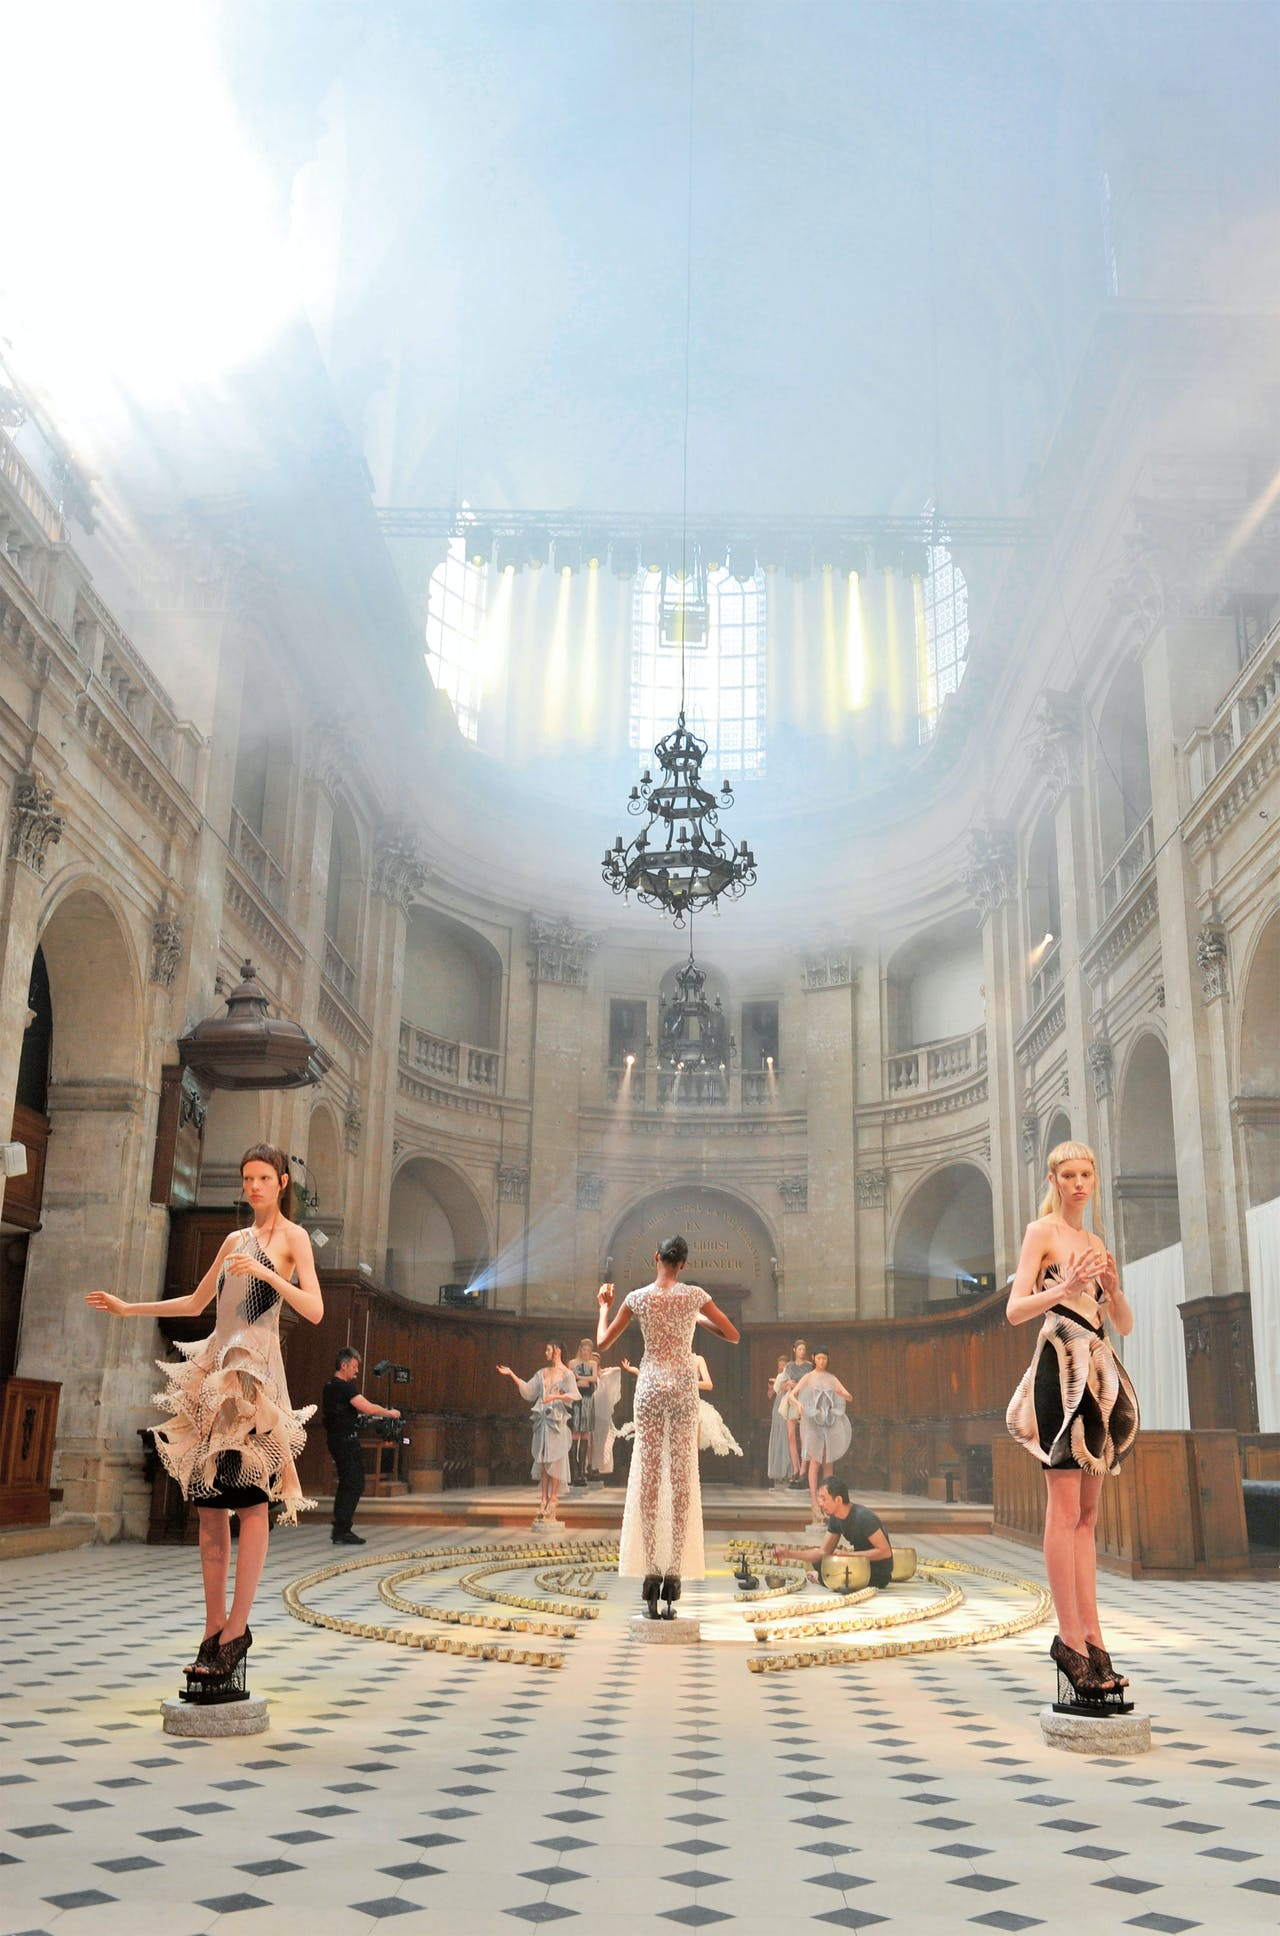 De coutureshow van 2016 in het L'Oratoire du Louvre. (Foto: Hollandse Hoogte)